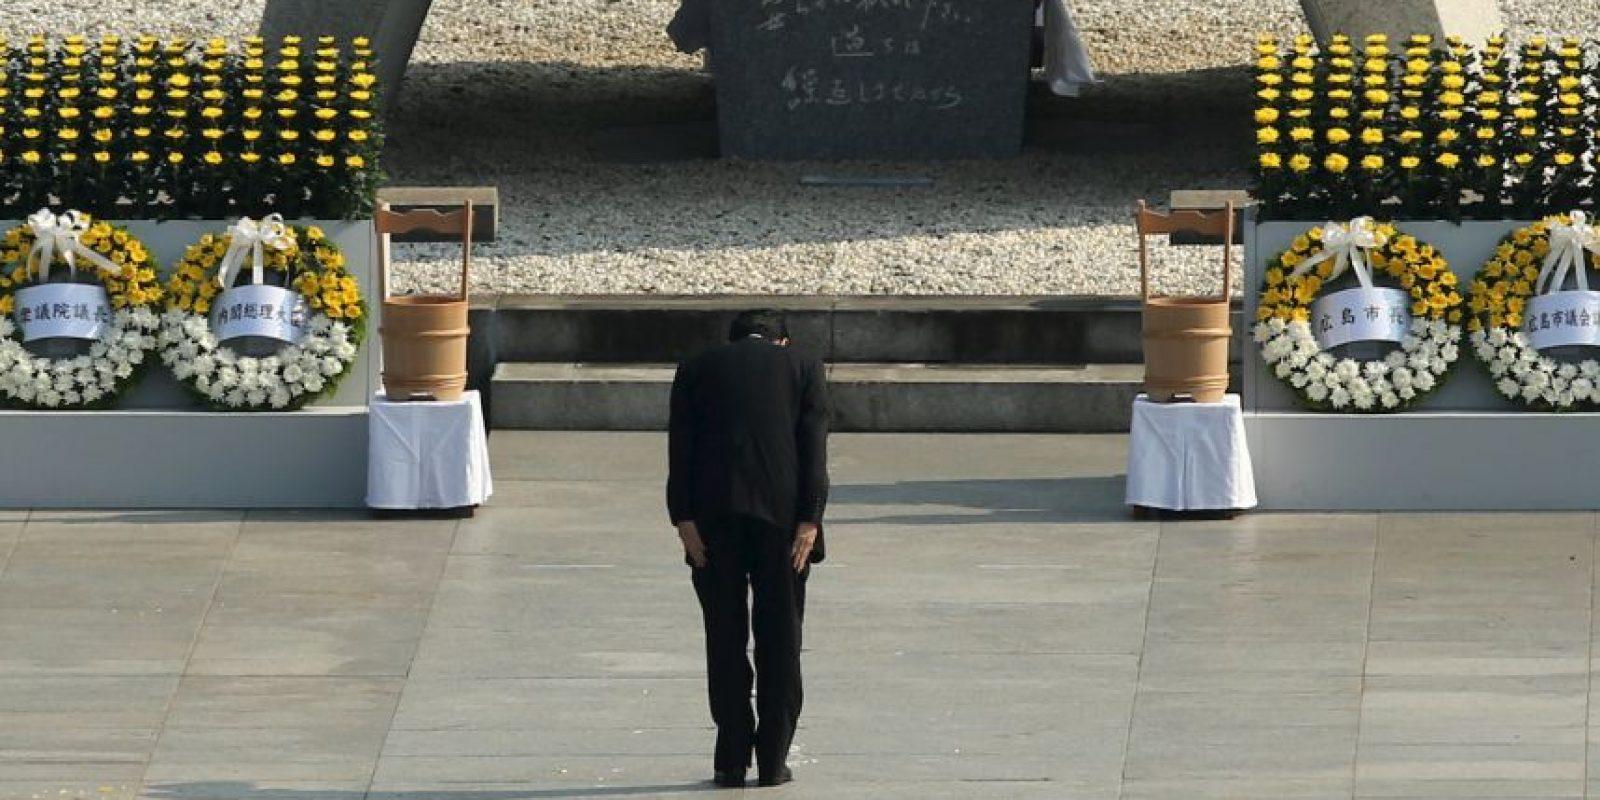 En su intervención, Abe anunció que su país presentará una nueva propuesta de resolución ante la Asamblea General de la ONU en los próximos meses sobre la abolición de las armas nucleares Foto:Getty Images